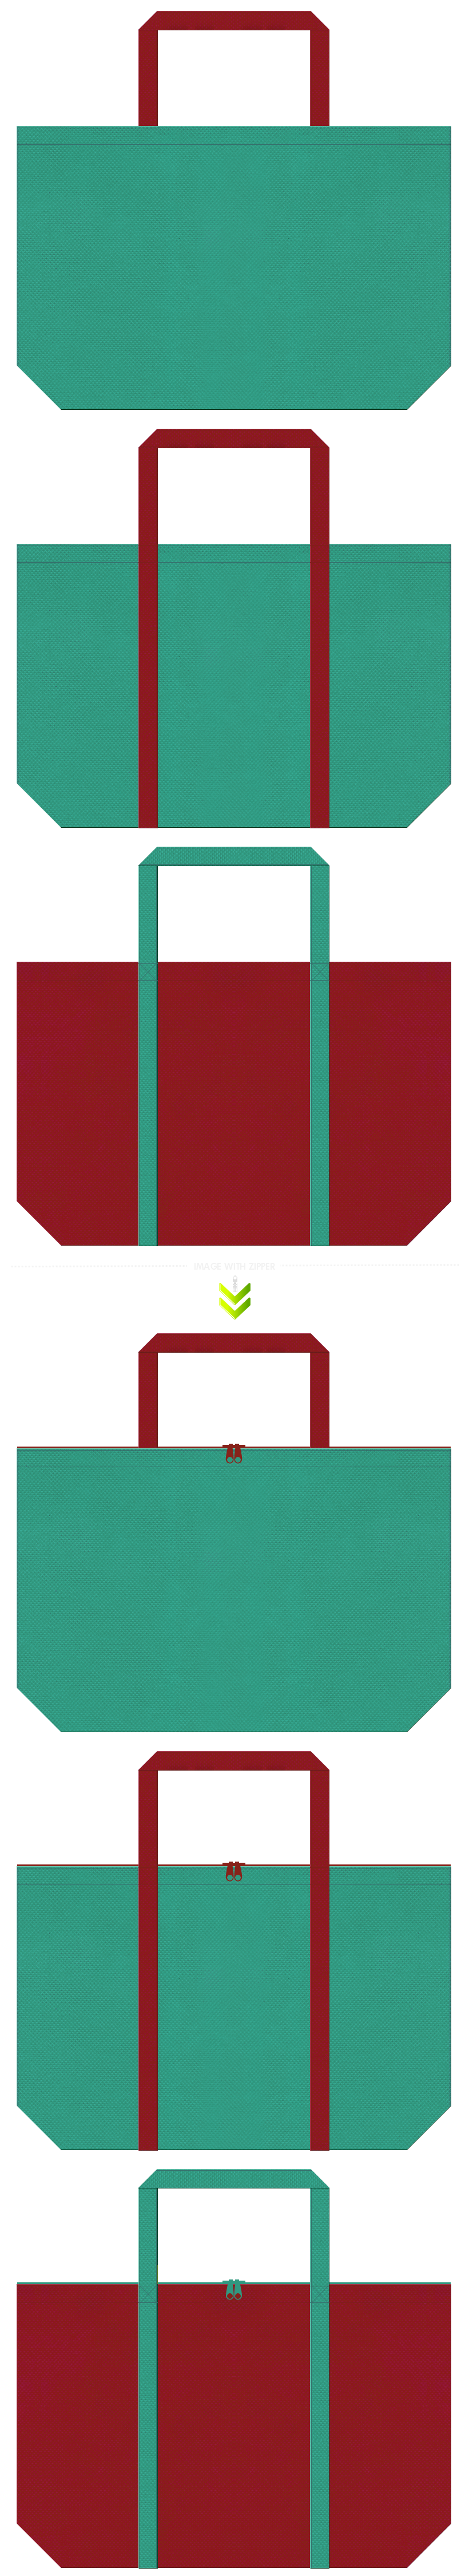 青緑色とエンジ色の不織布エコバッグのデザイン。振袖風。